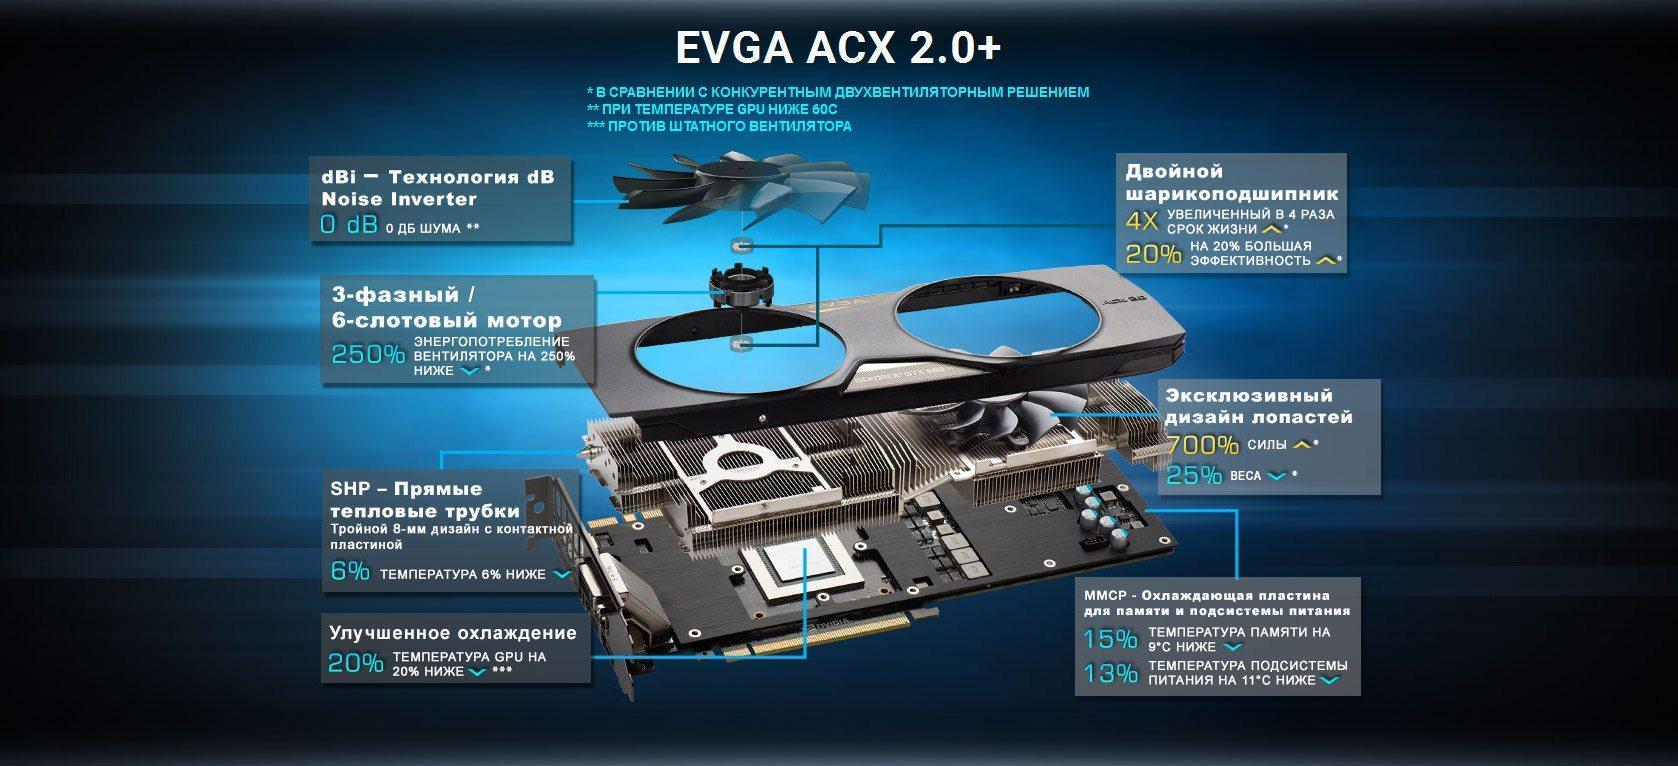 EVGA_ACX2-0_RU